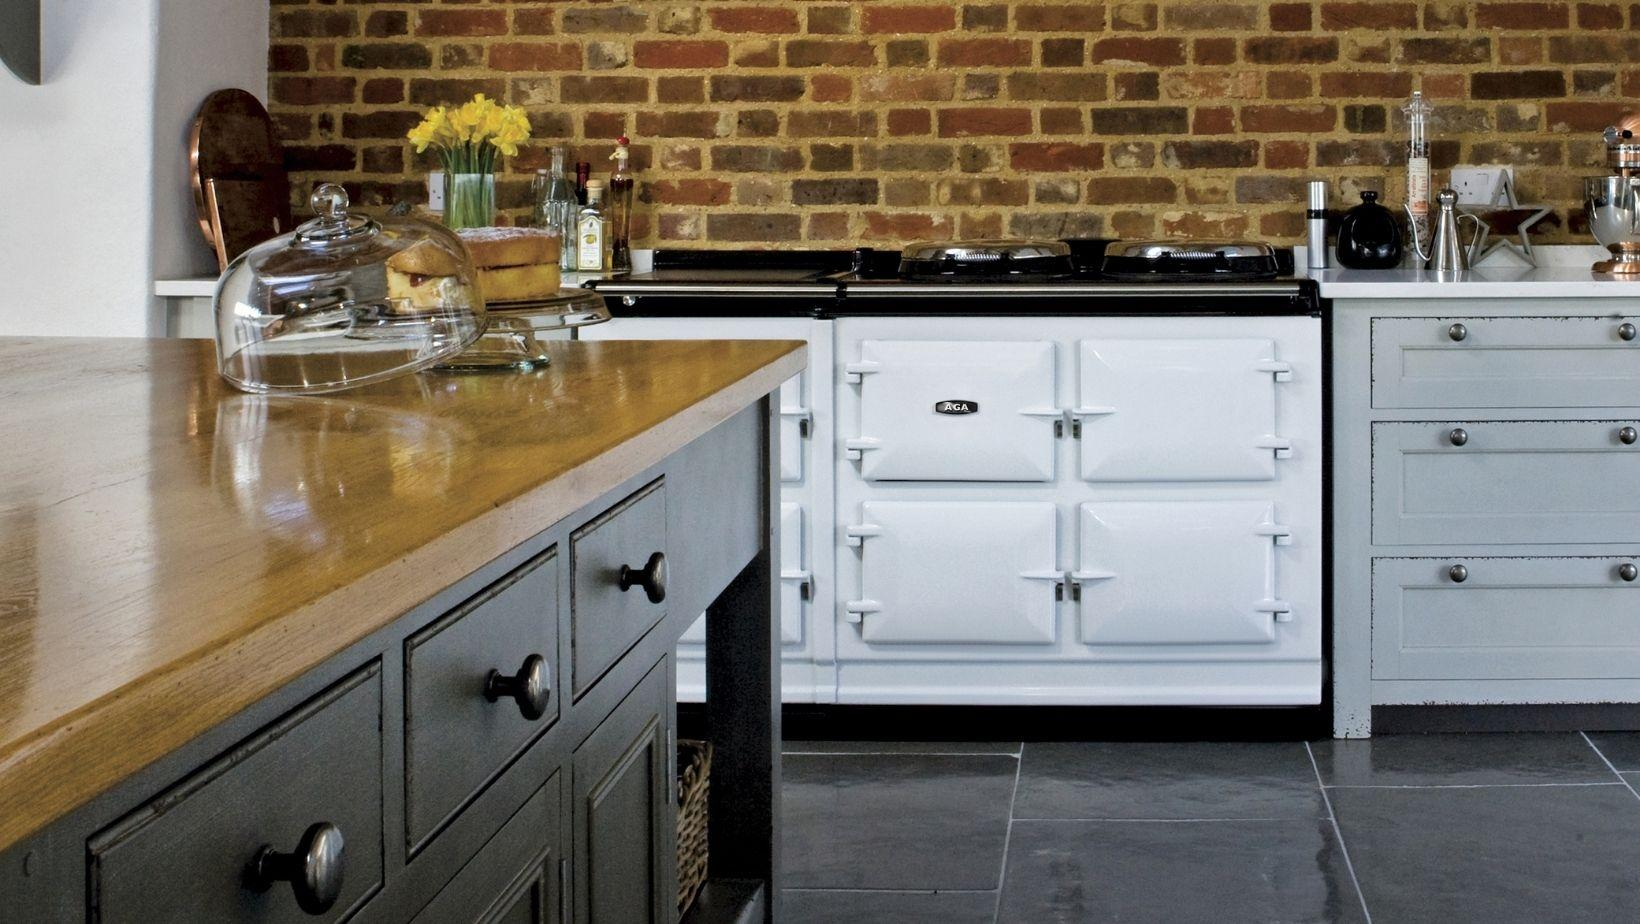 AGA eR7 150-5 oven in White